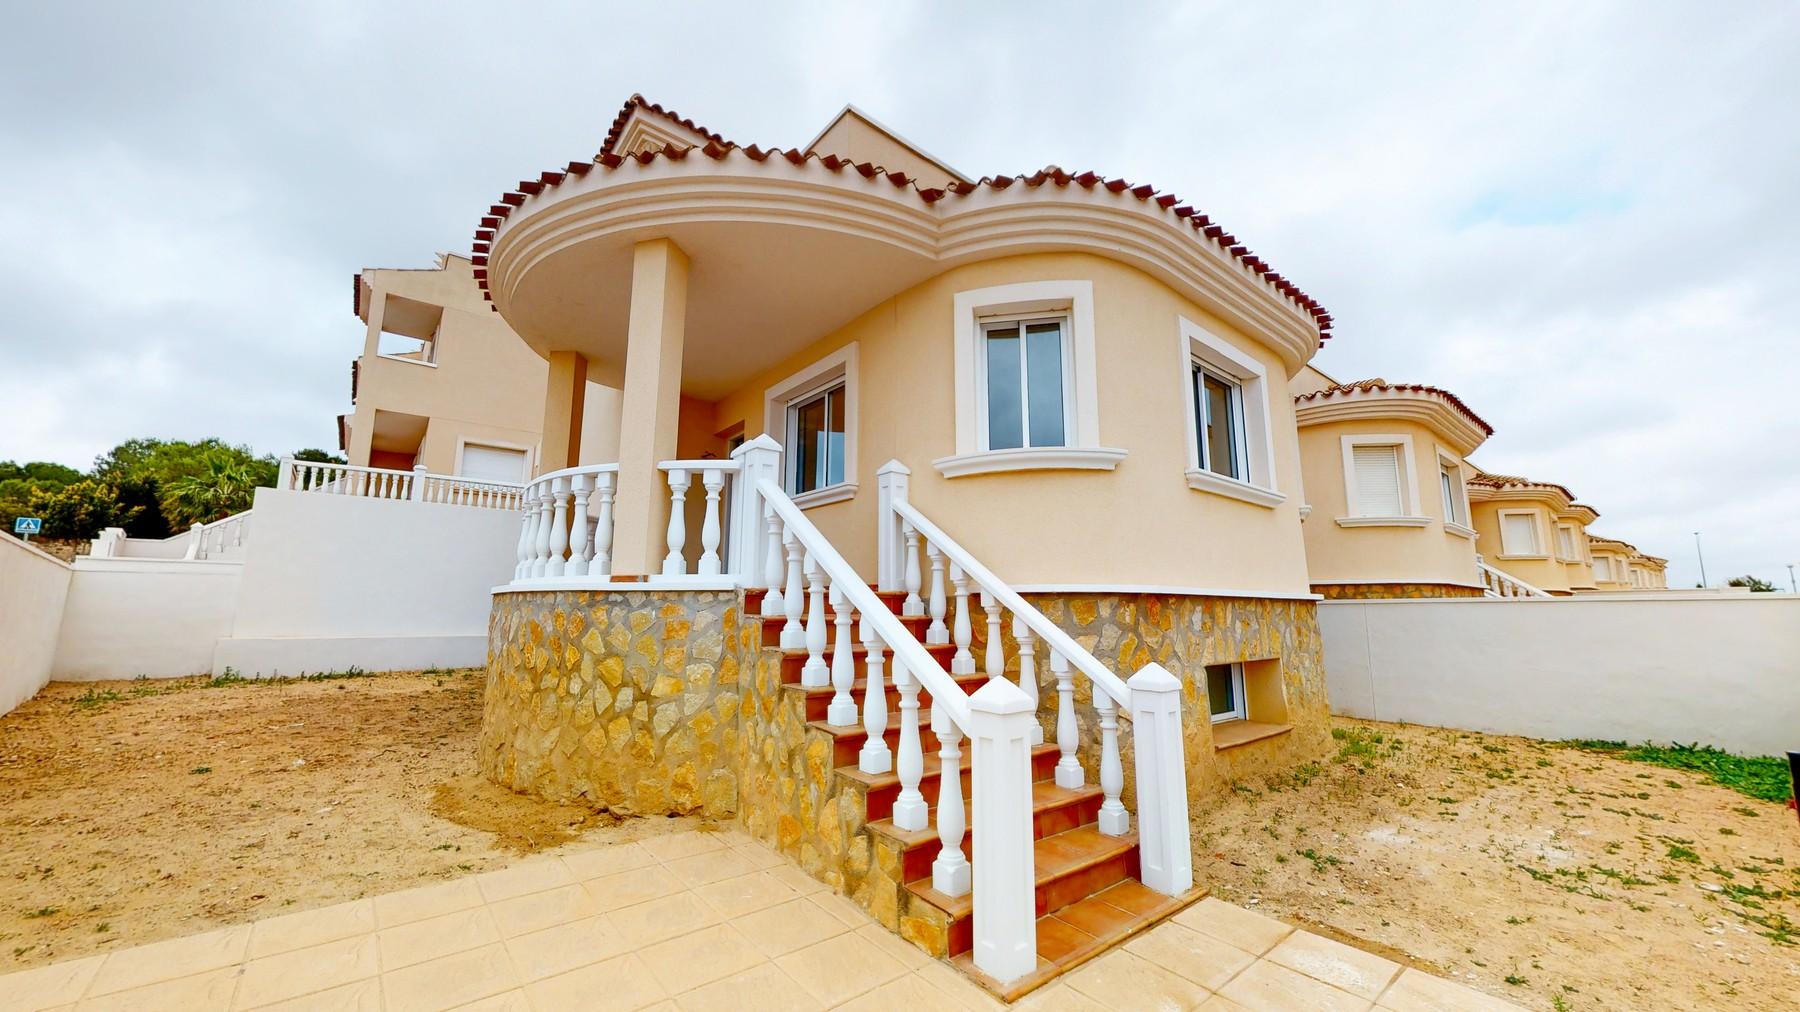 3-bedroom detached villas with communal pool, Res. Los Alcores I, Mirador de San Miguel